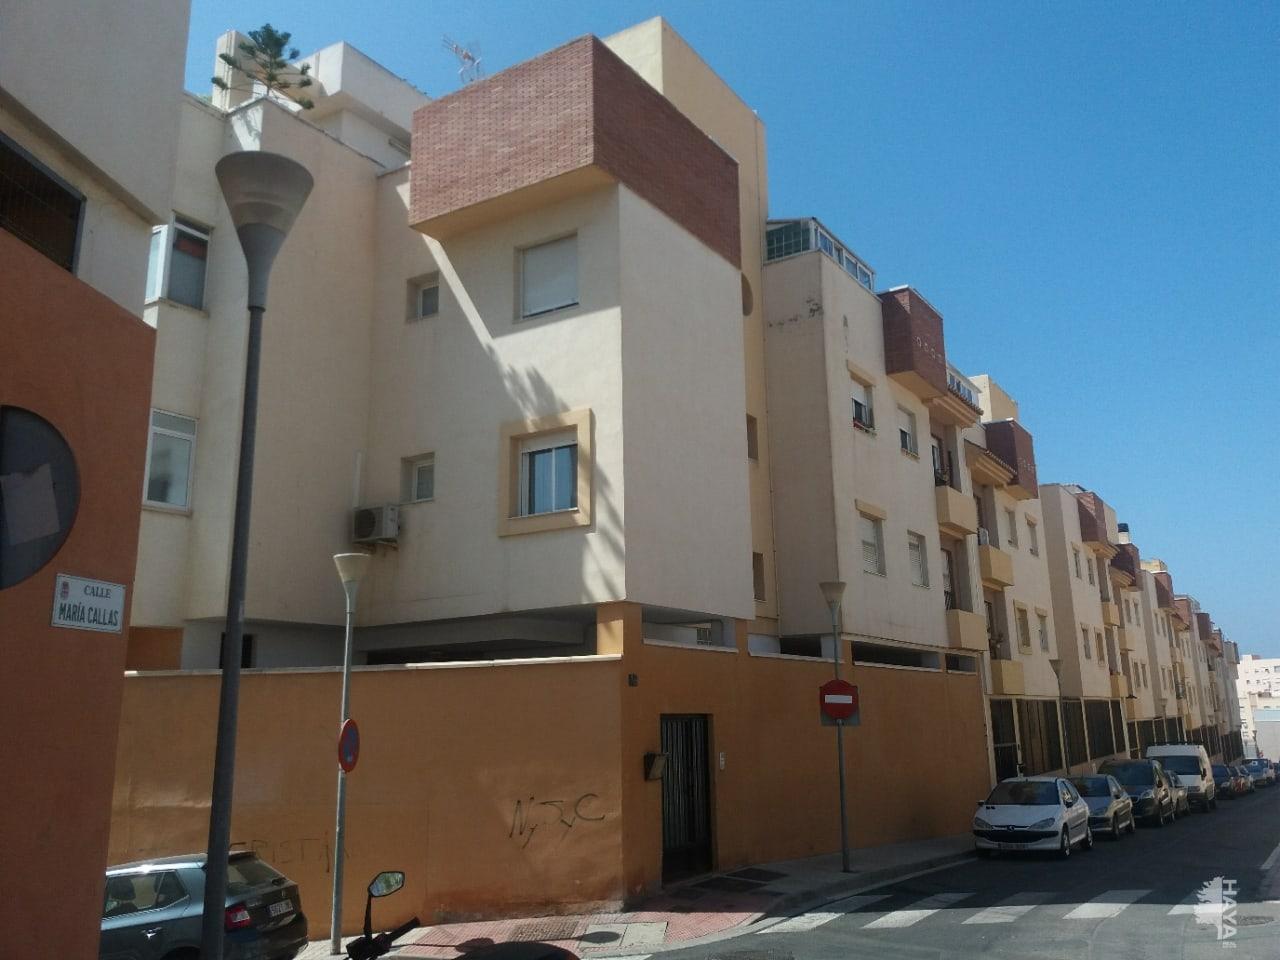 Piso en venta en Piso en Almería, Almería, 67.000 €, 2 habitaciones, 1 baño, 74 m2